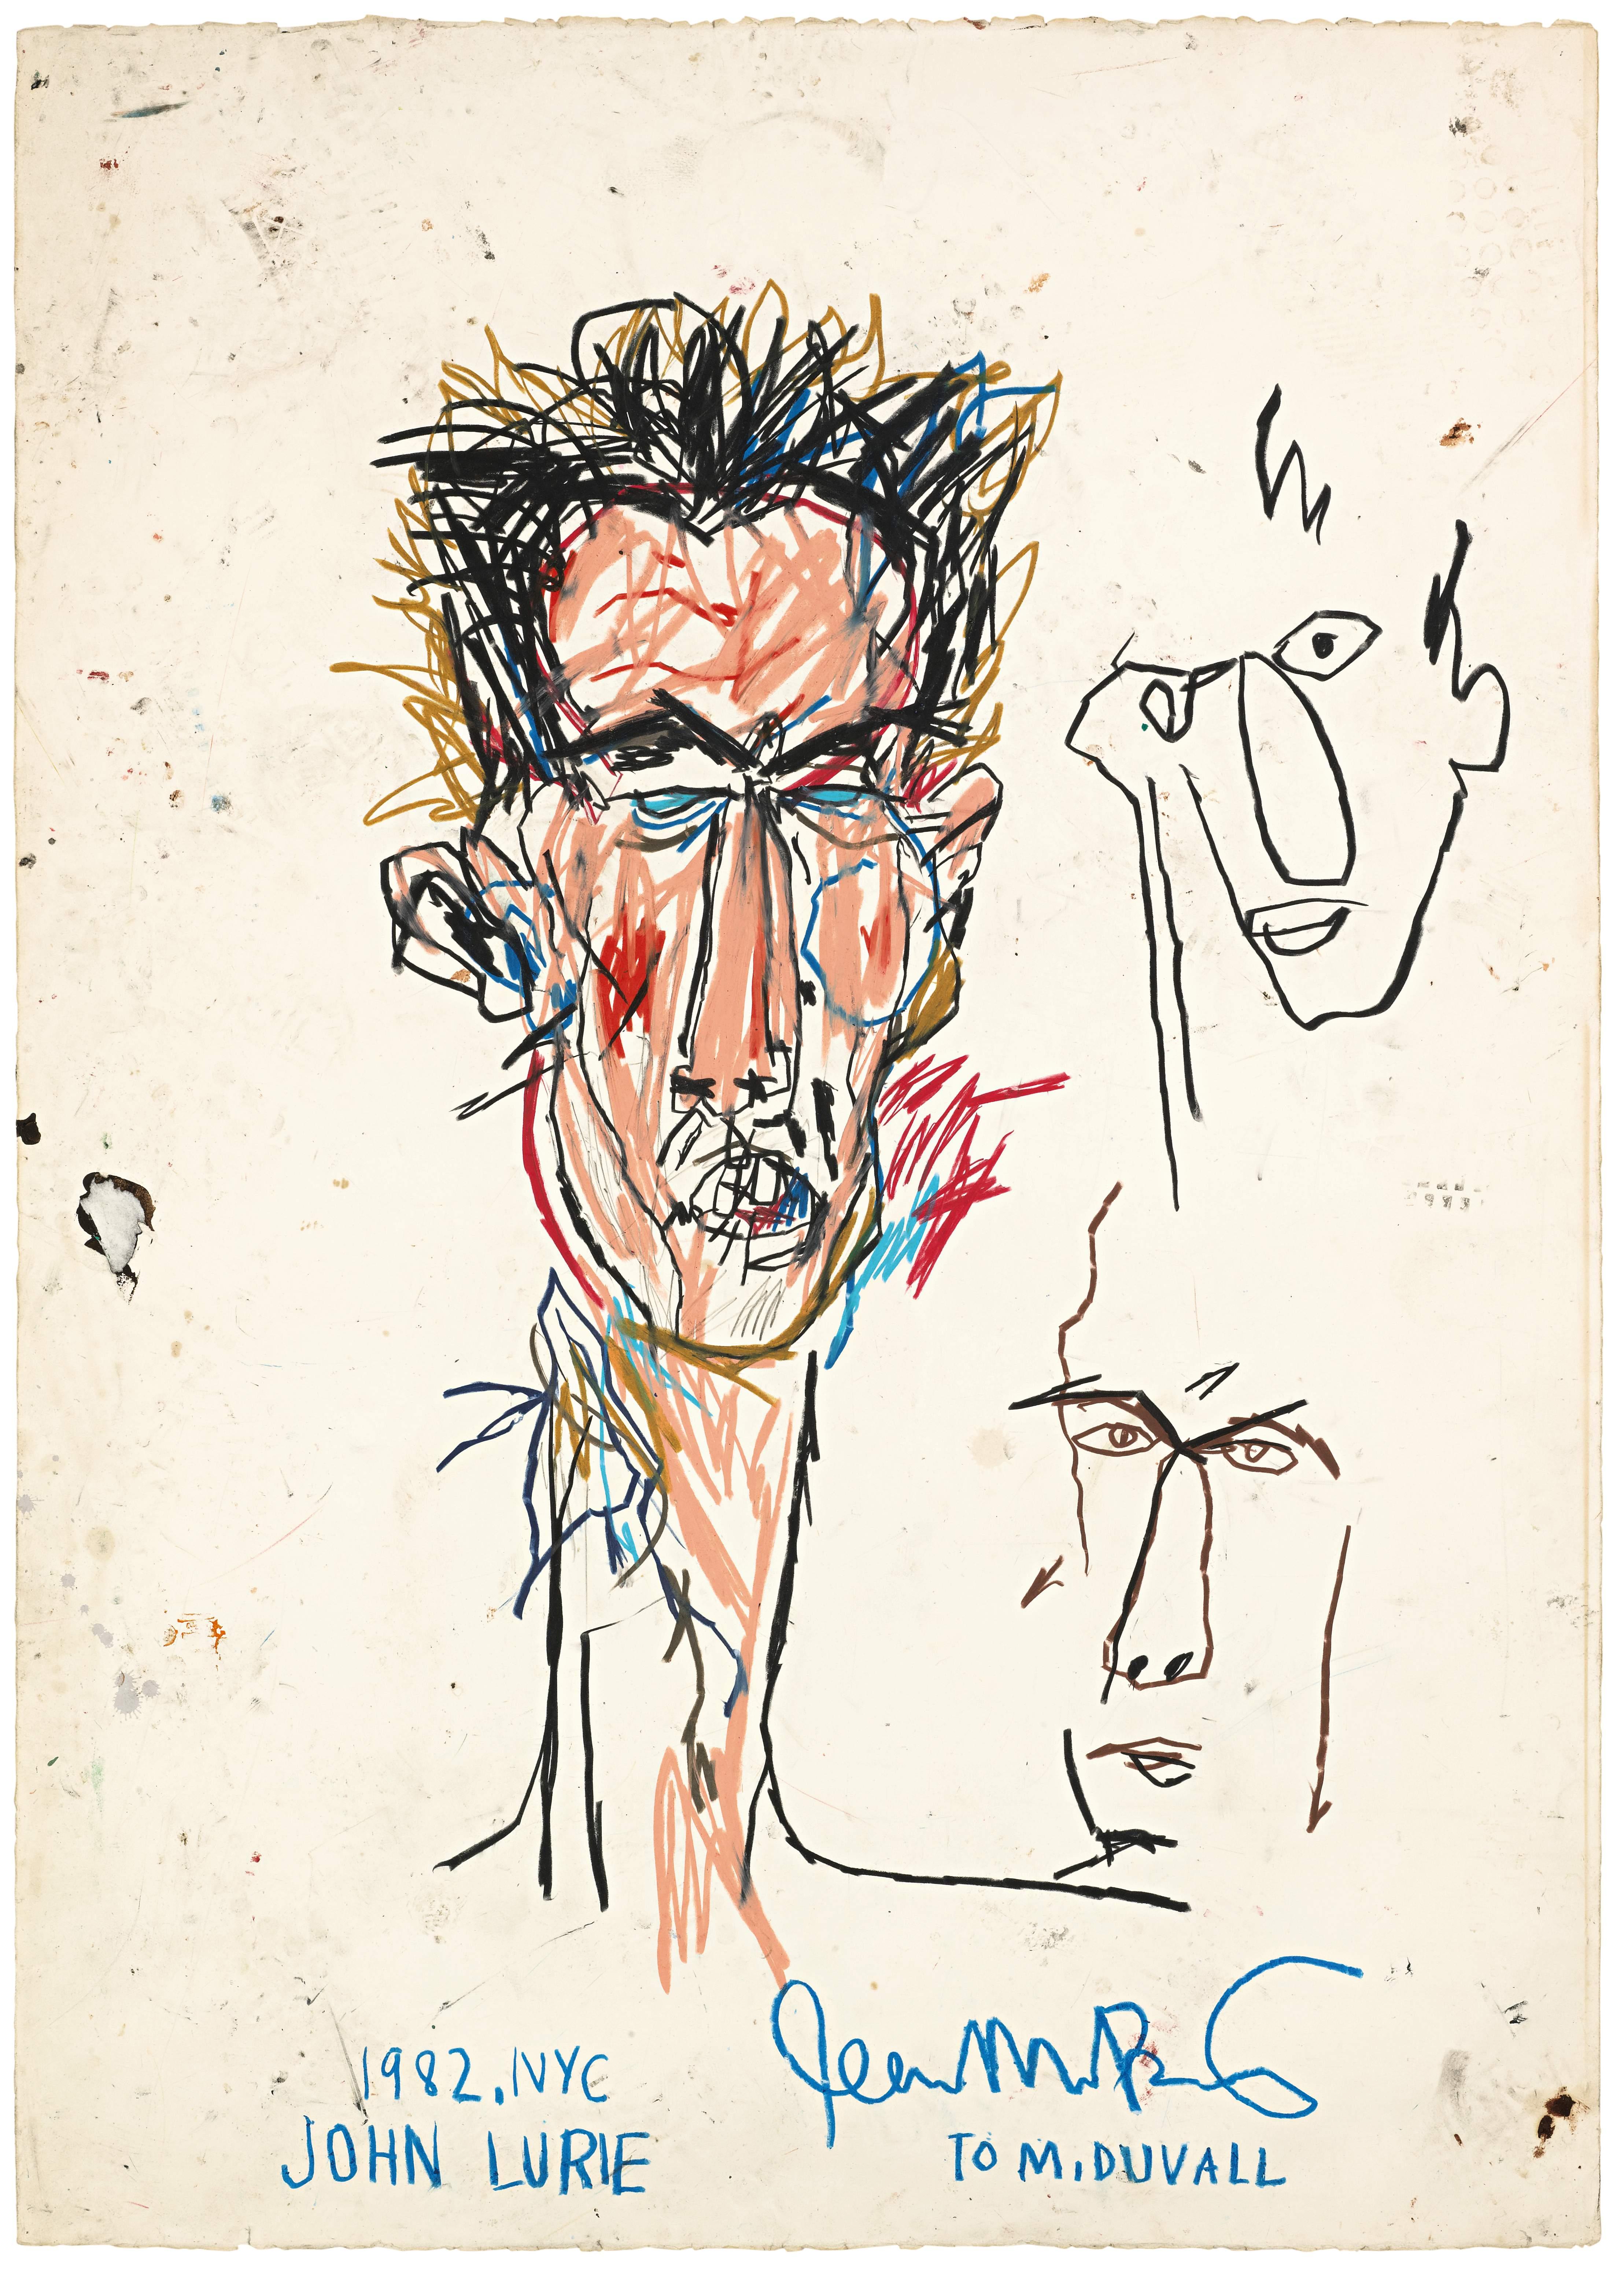 talentieventi-16_basquiat-johnlurie-1982